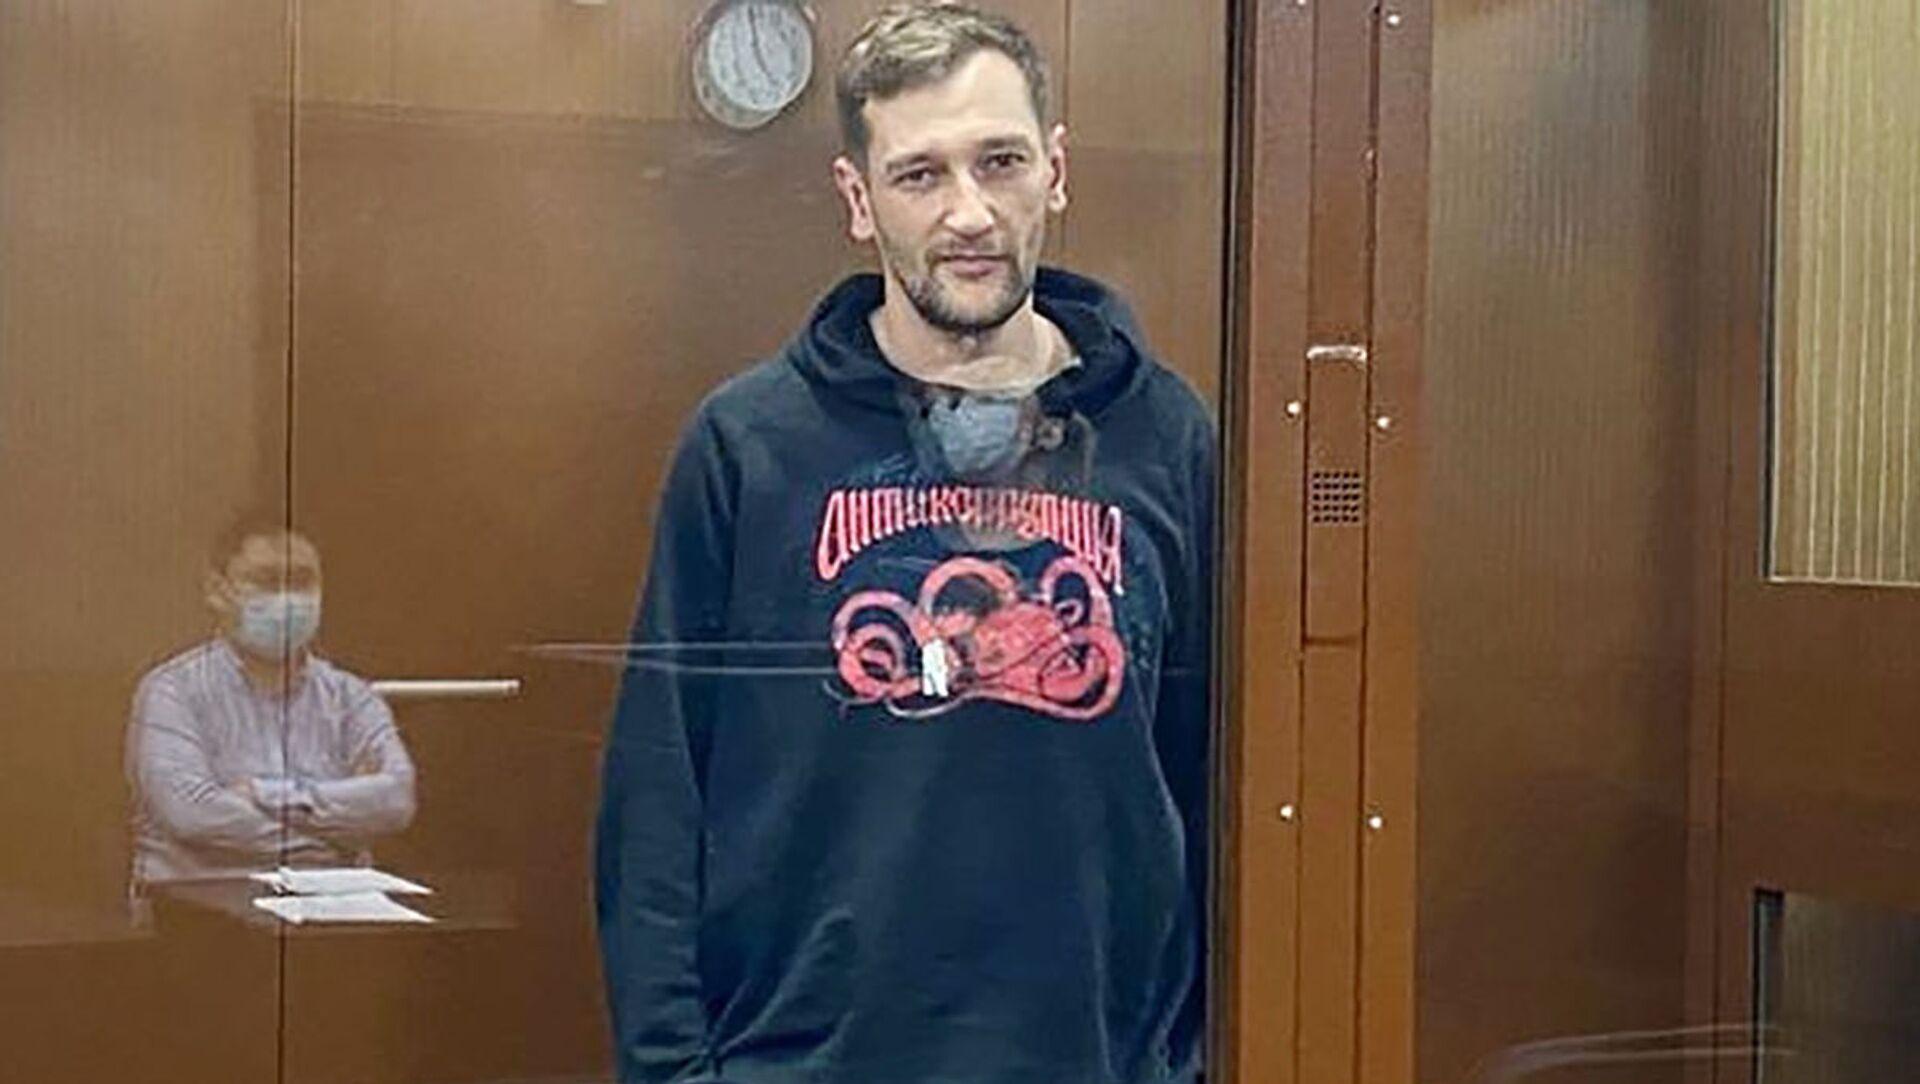 Oleg Nawalny, brat Aleksieja Nawalnego - Sputnik Polska, 1920, 03.02.2021